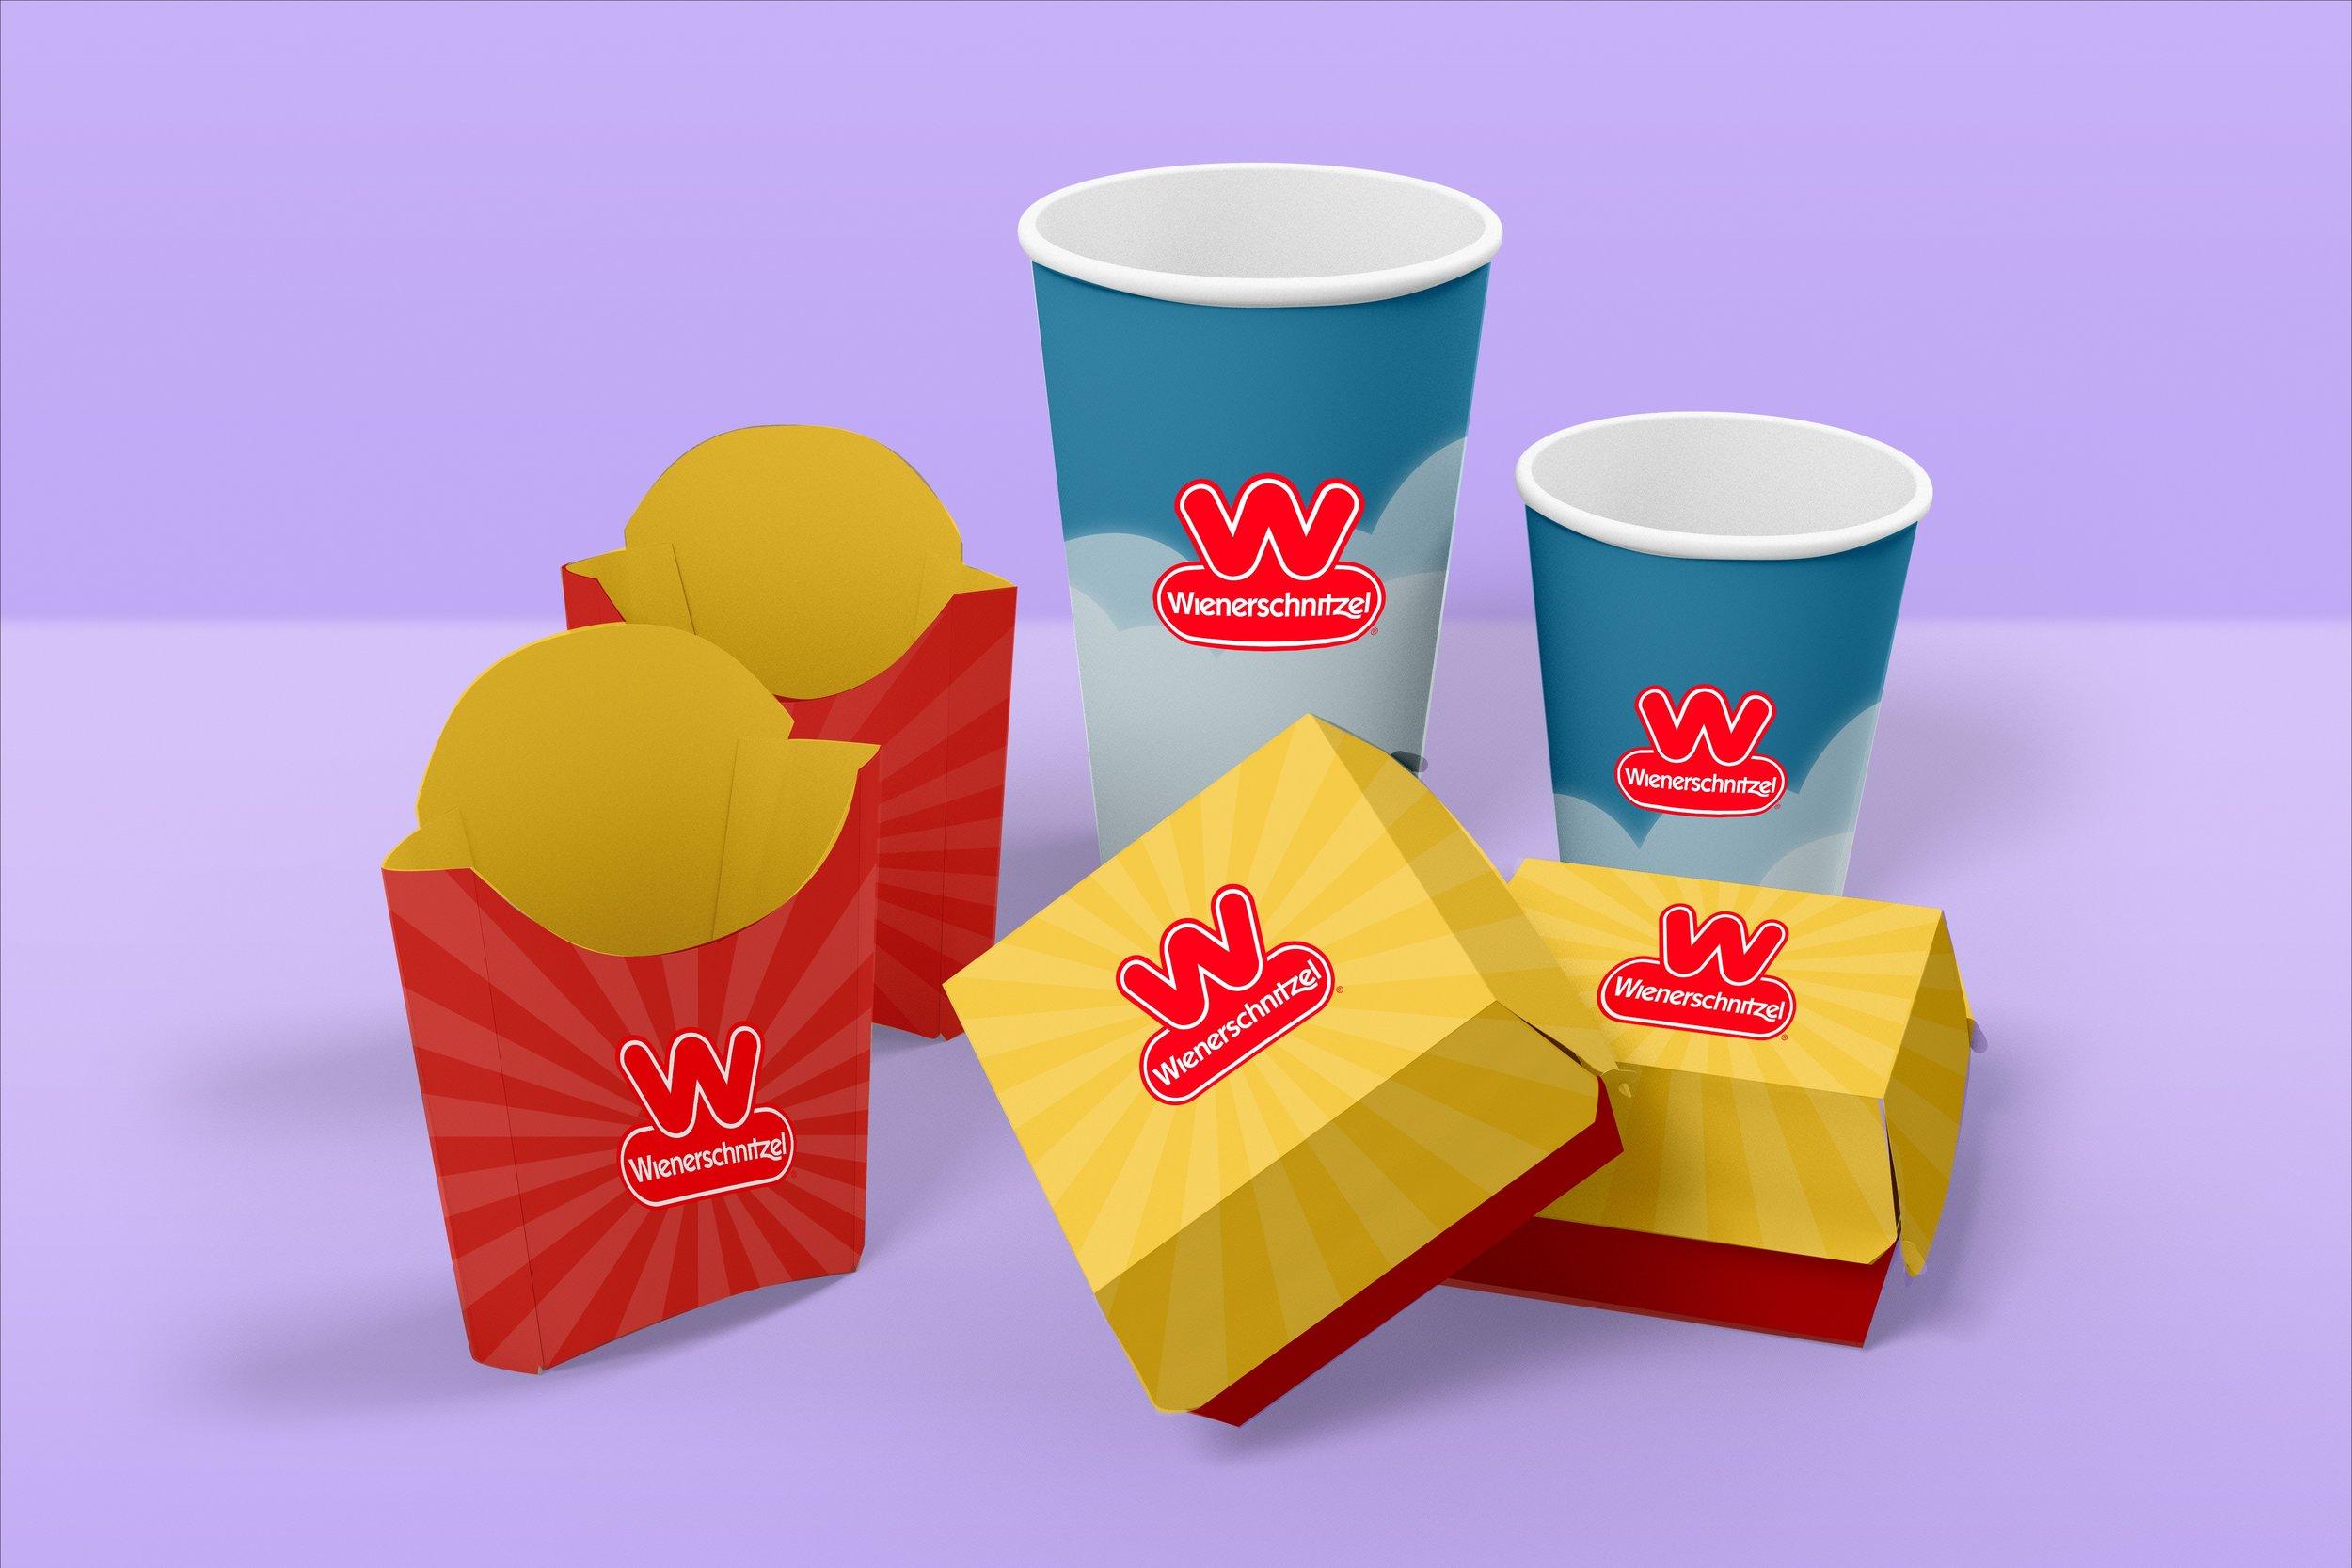 ws_package_redesign.jpg